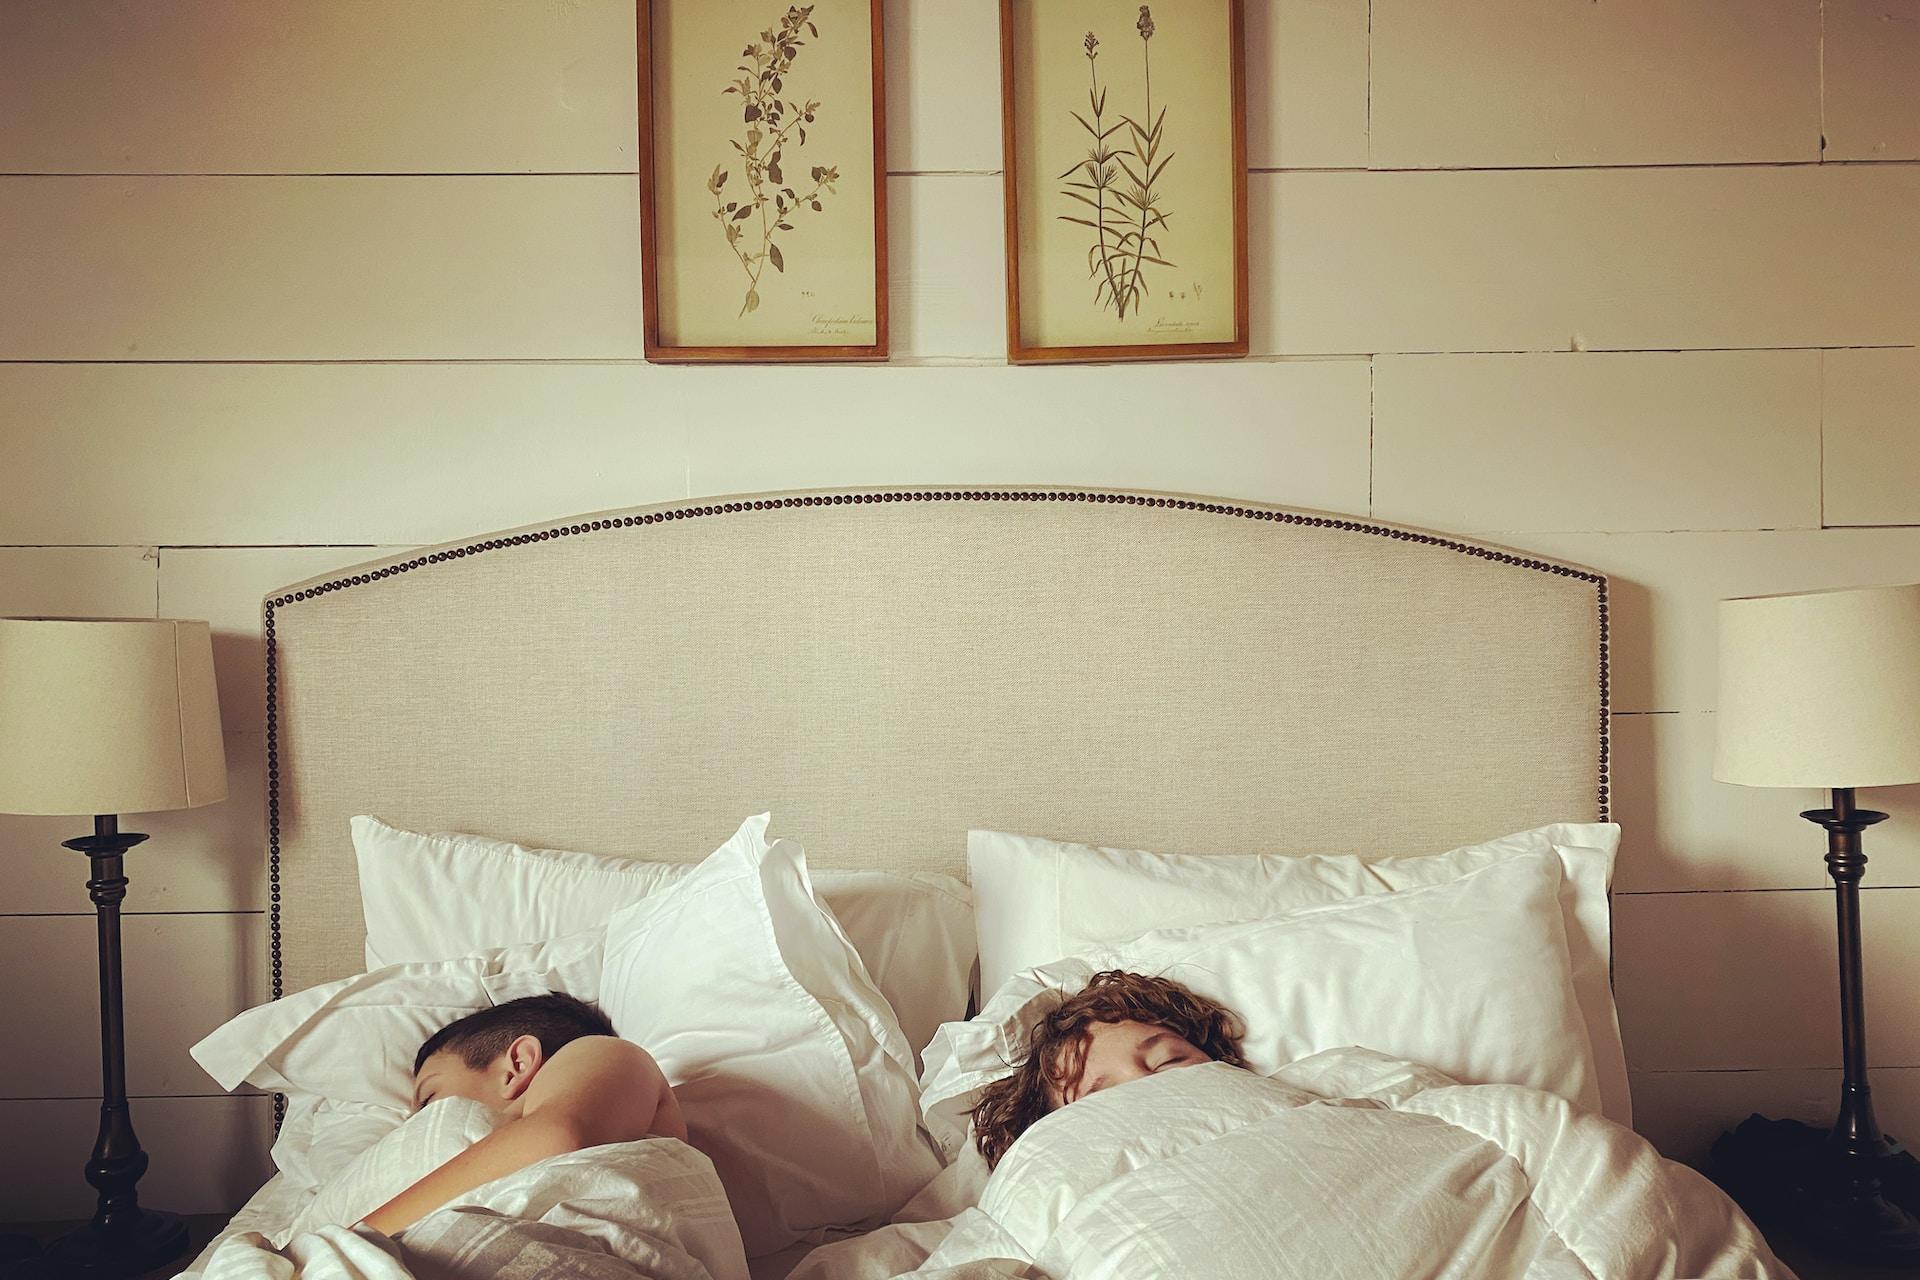 2 children lying on bed